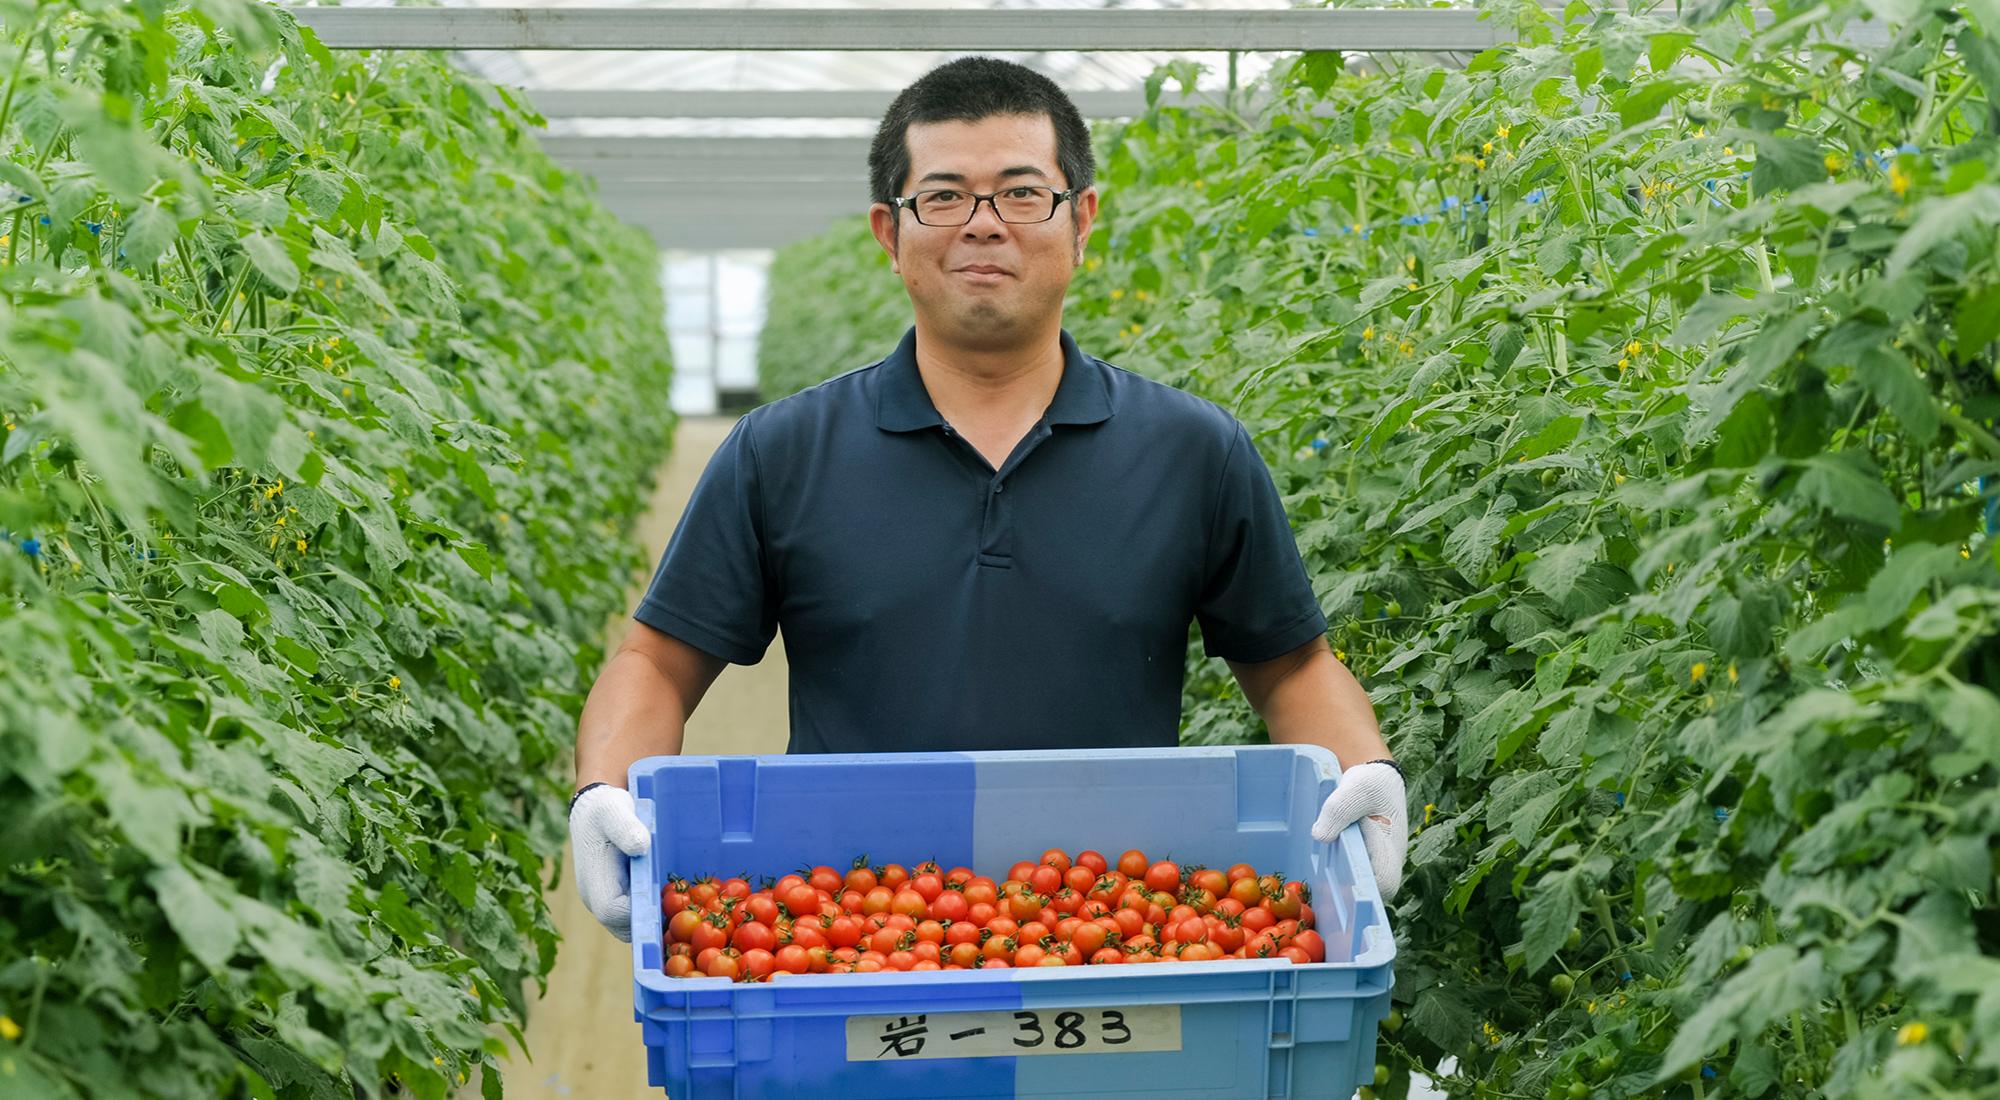 Nguồn nhân lực trẻ tại Nhật không mấy thích thú với công việc làm nông nghiệp